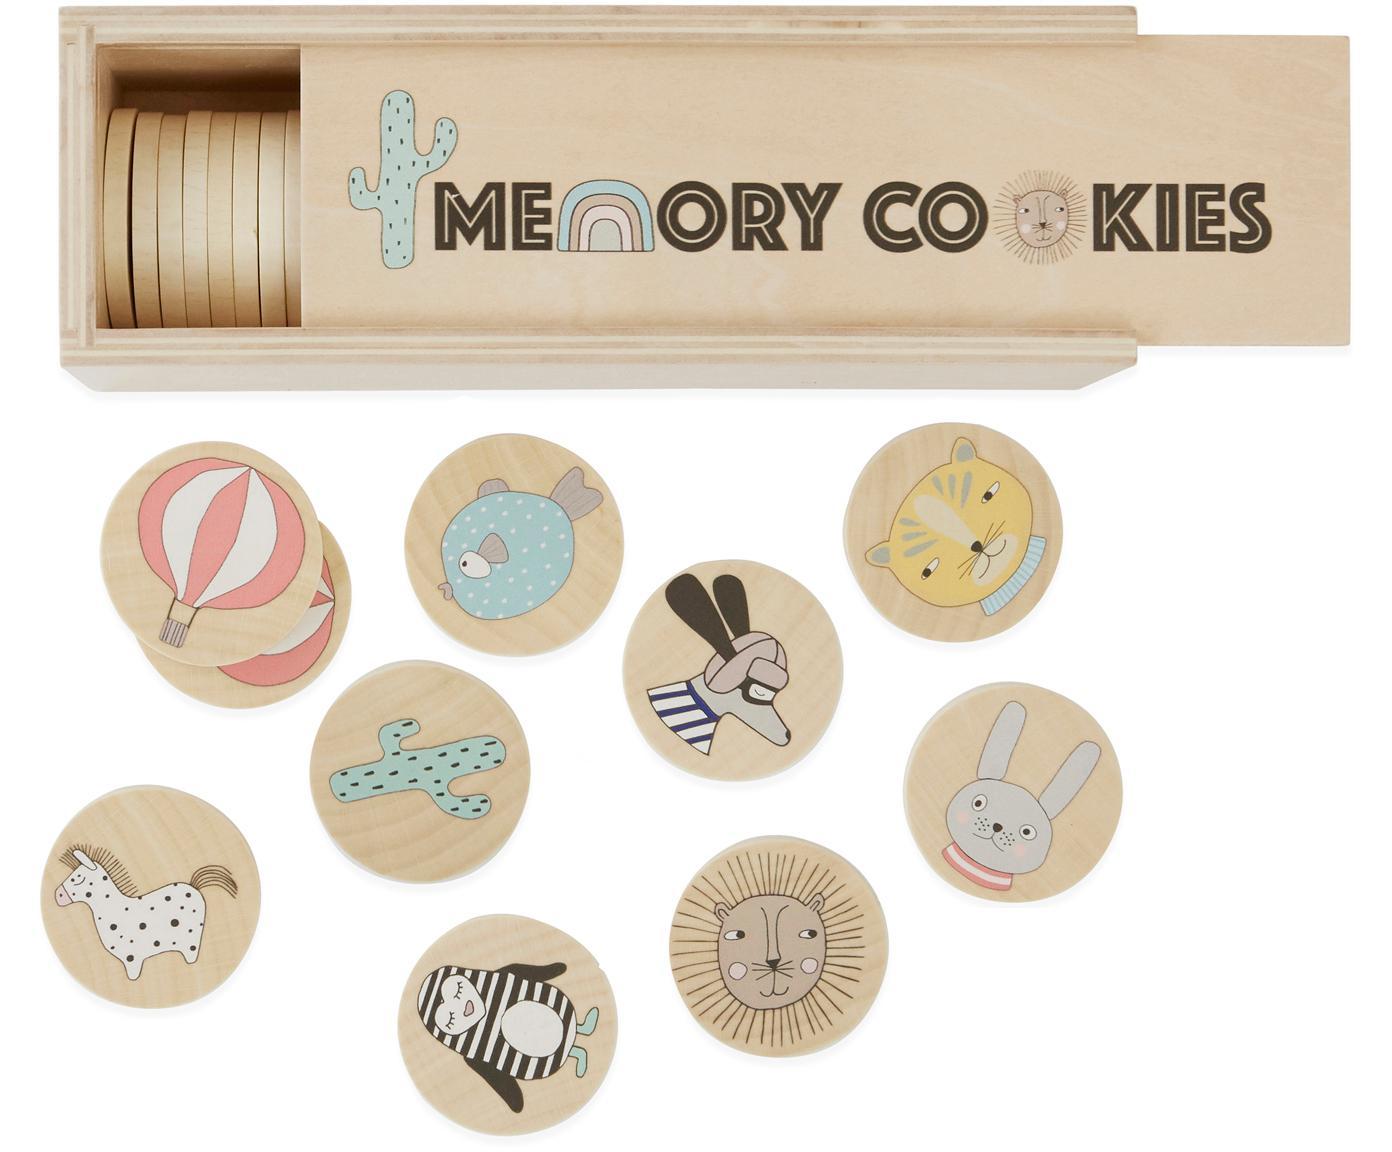 Juego de memoria Cookies, 37pzas., Chapa de madera de abedul estampada, Madera, multicolor, An 23 x Al 7 cm